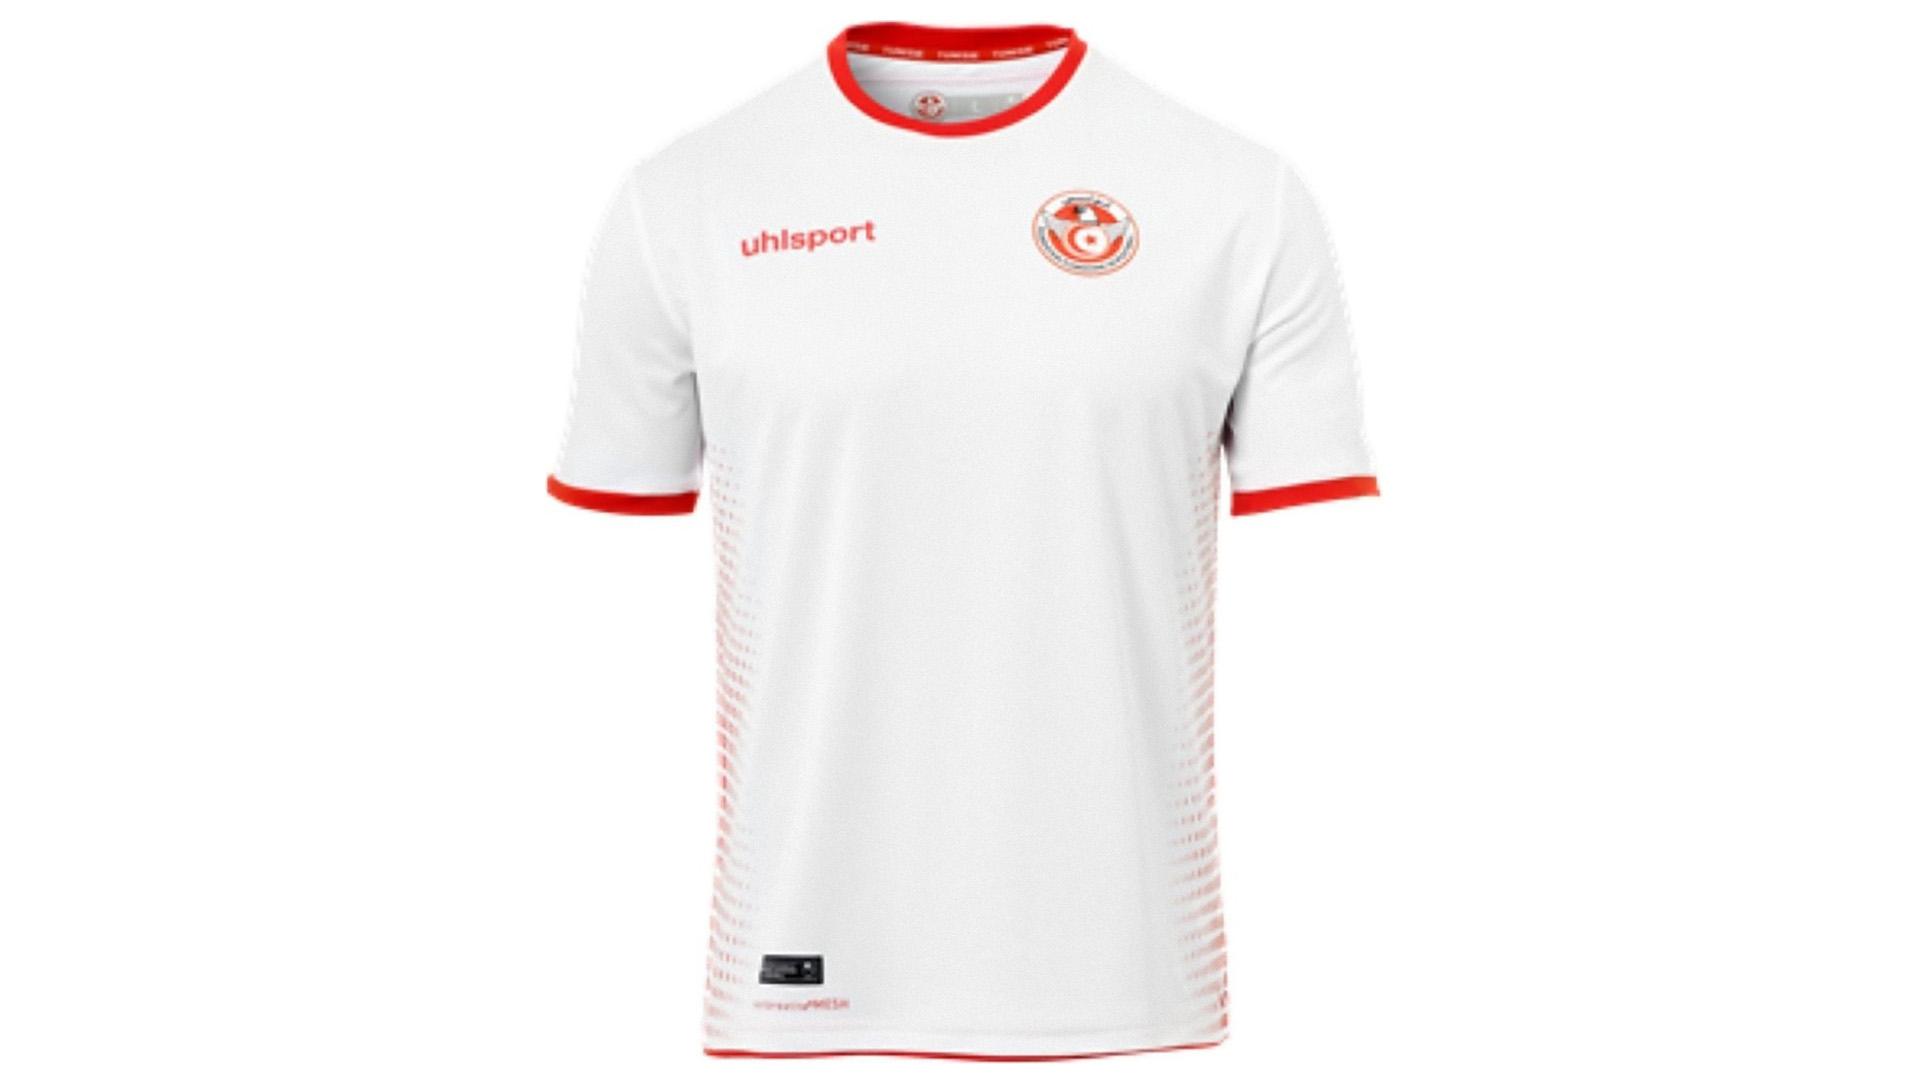 Tunez Camiseta Titular 2018 Tunisia Home Kit